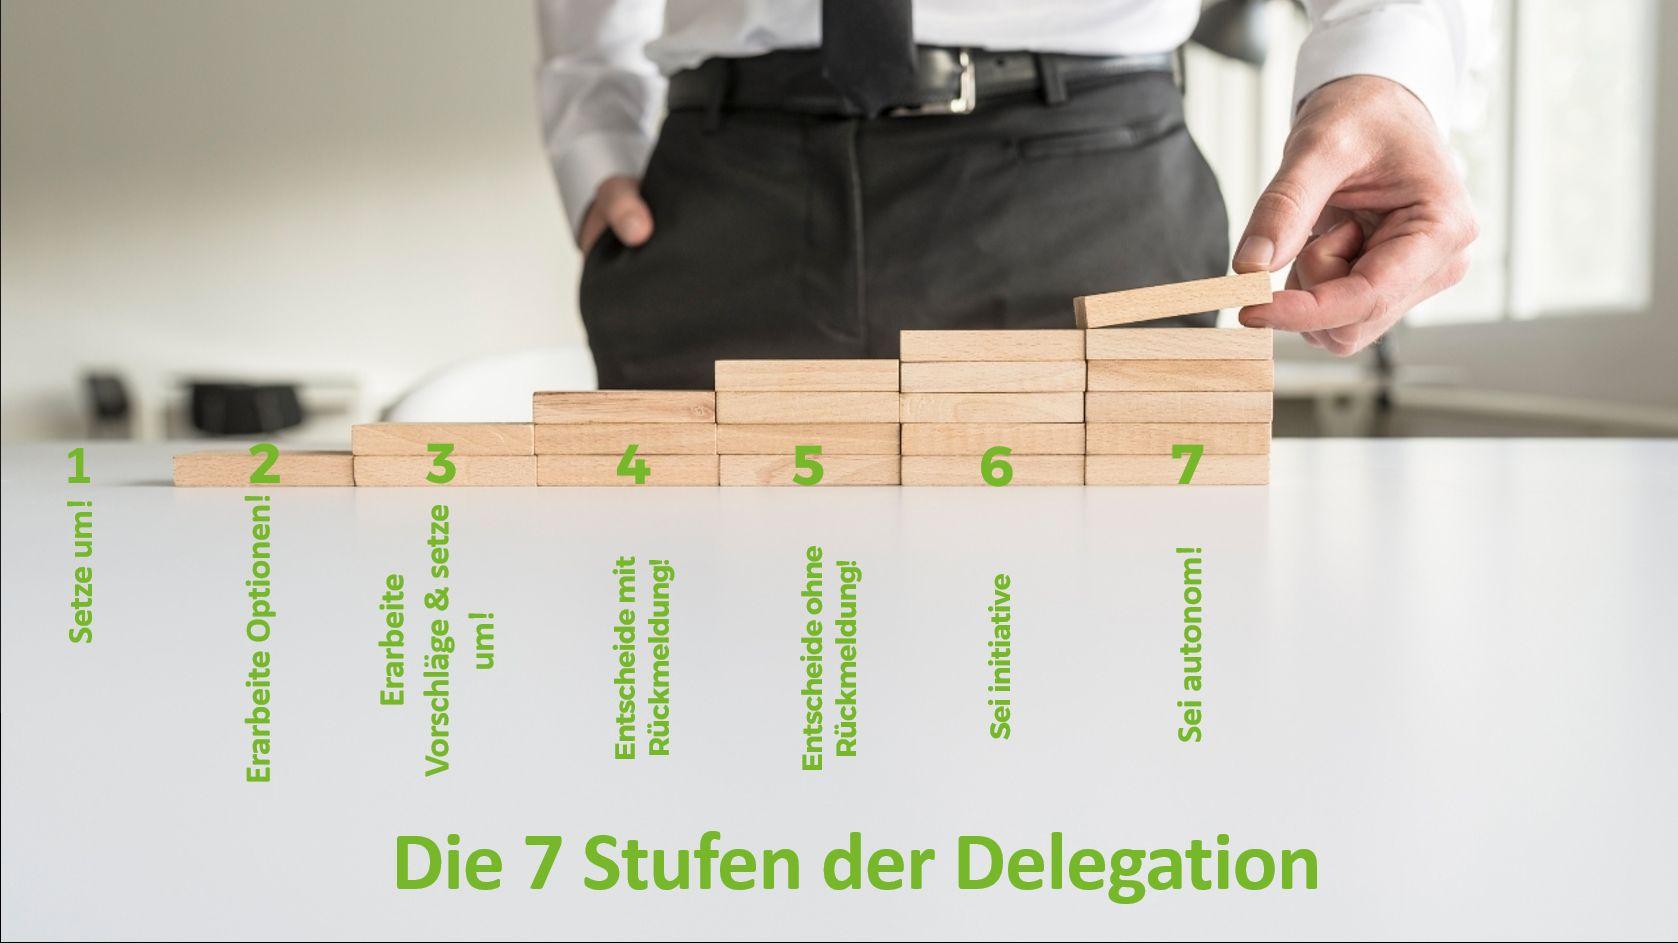 7 Stufen der Delegation